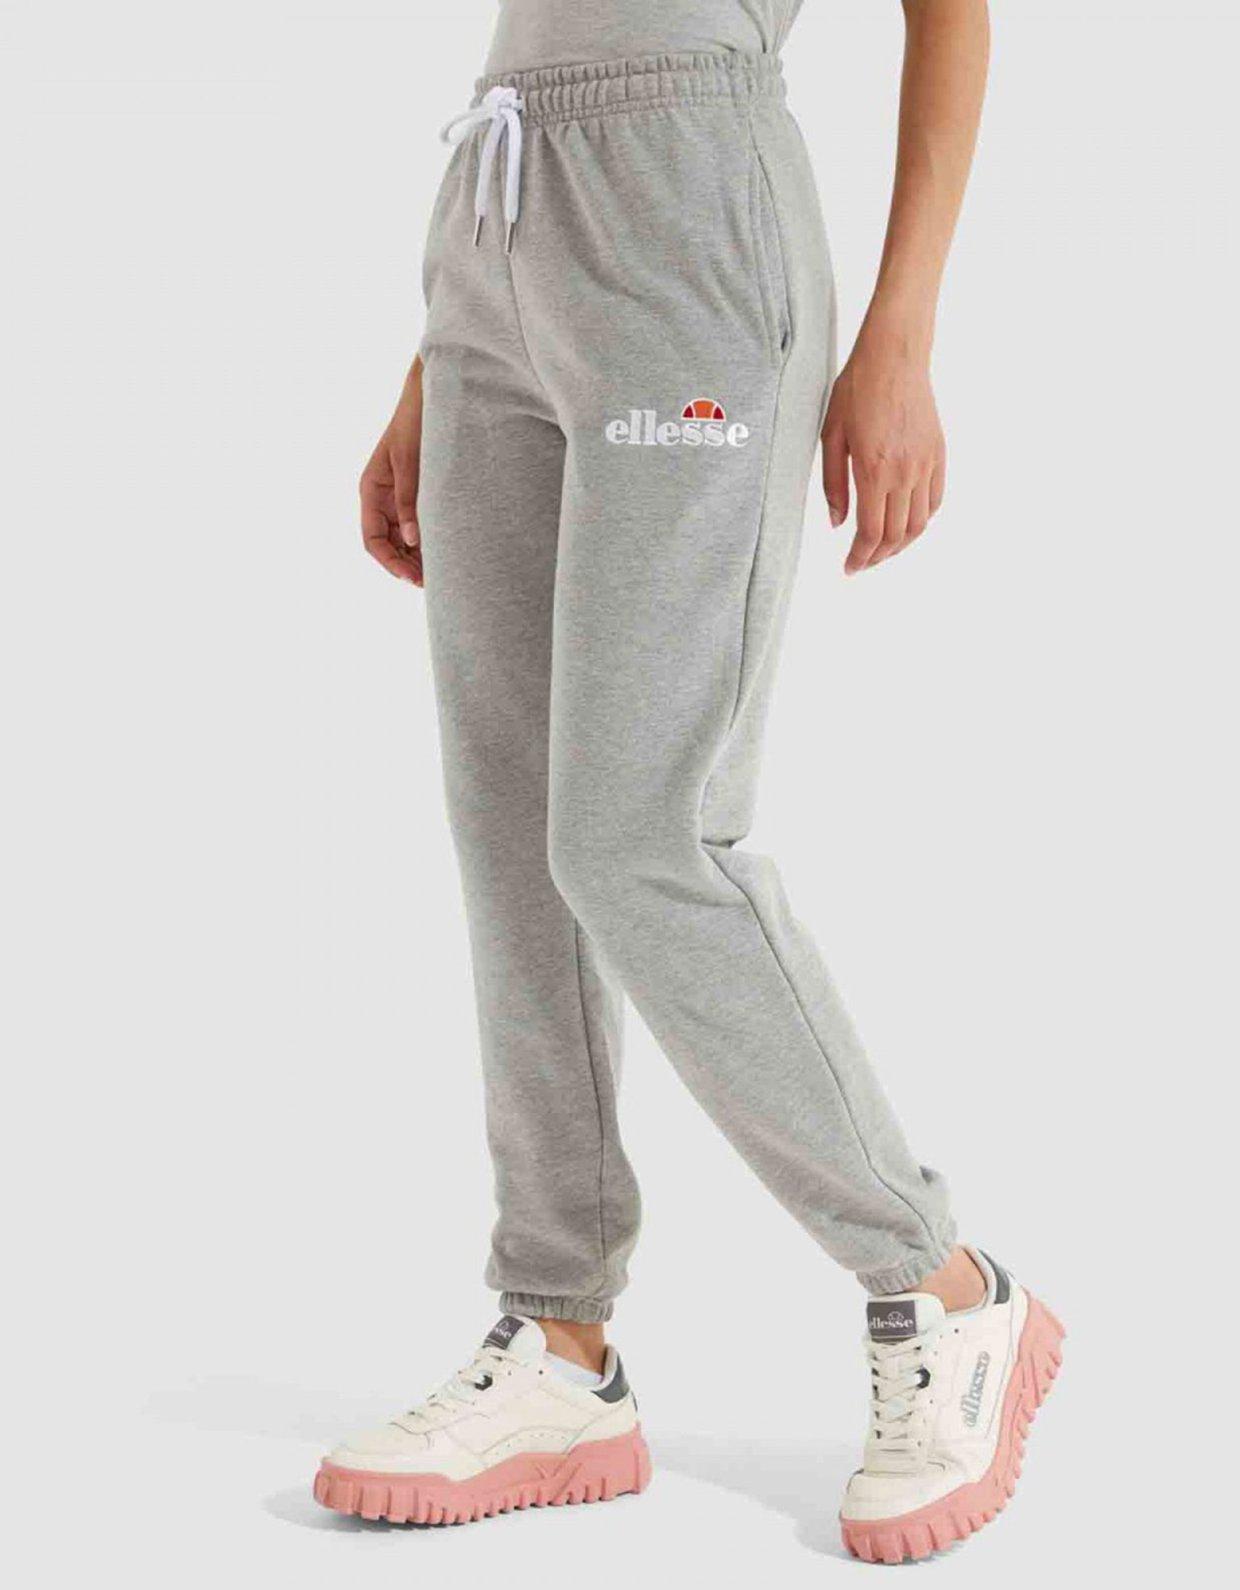 Ellesse Noora jog pants grey marl